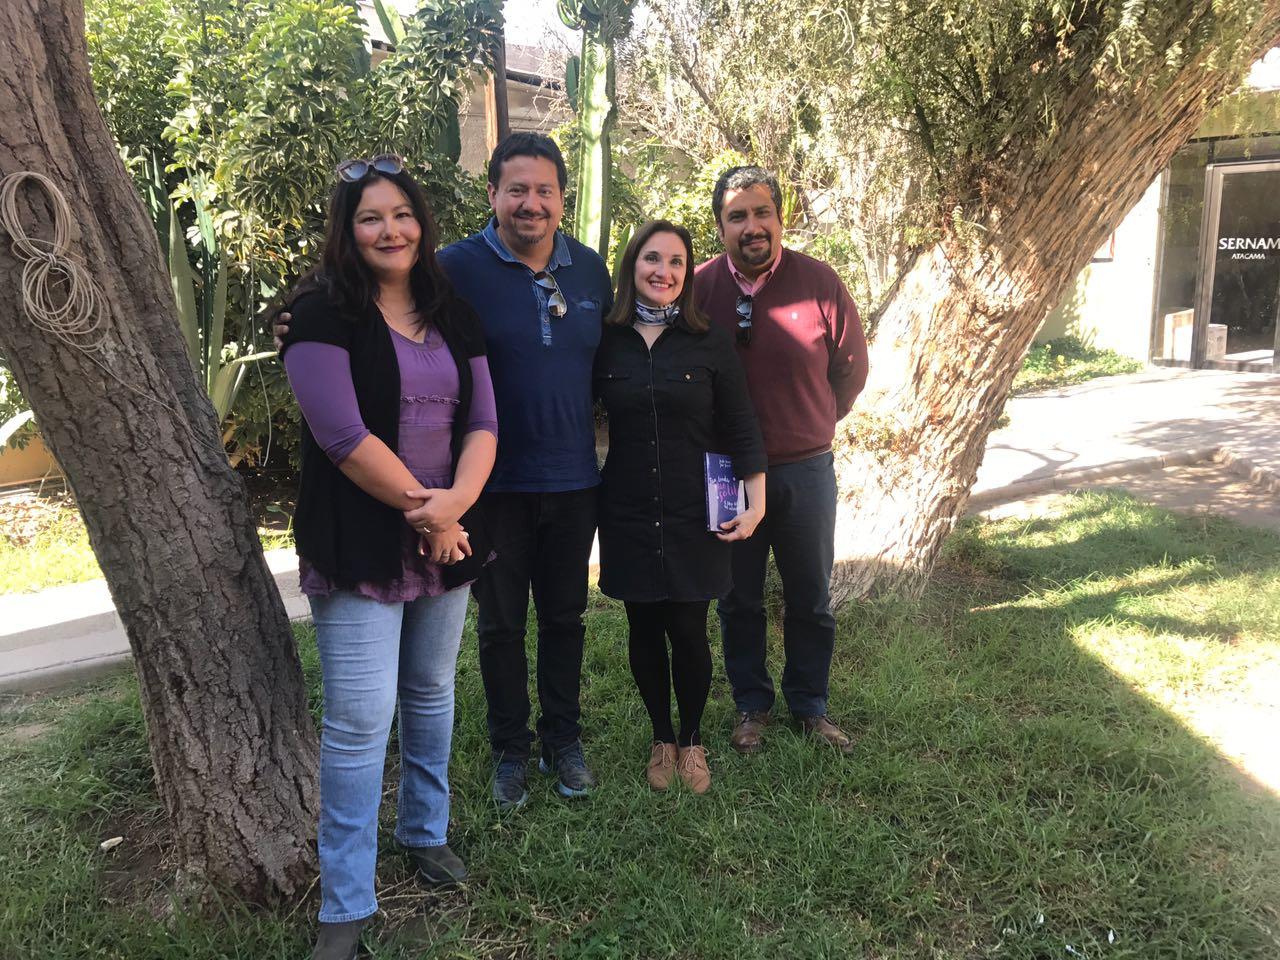 Seremi de la Mujer de Atacama recibió saludo de la Mesa Directiva del Colegio de Periodistas